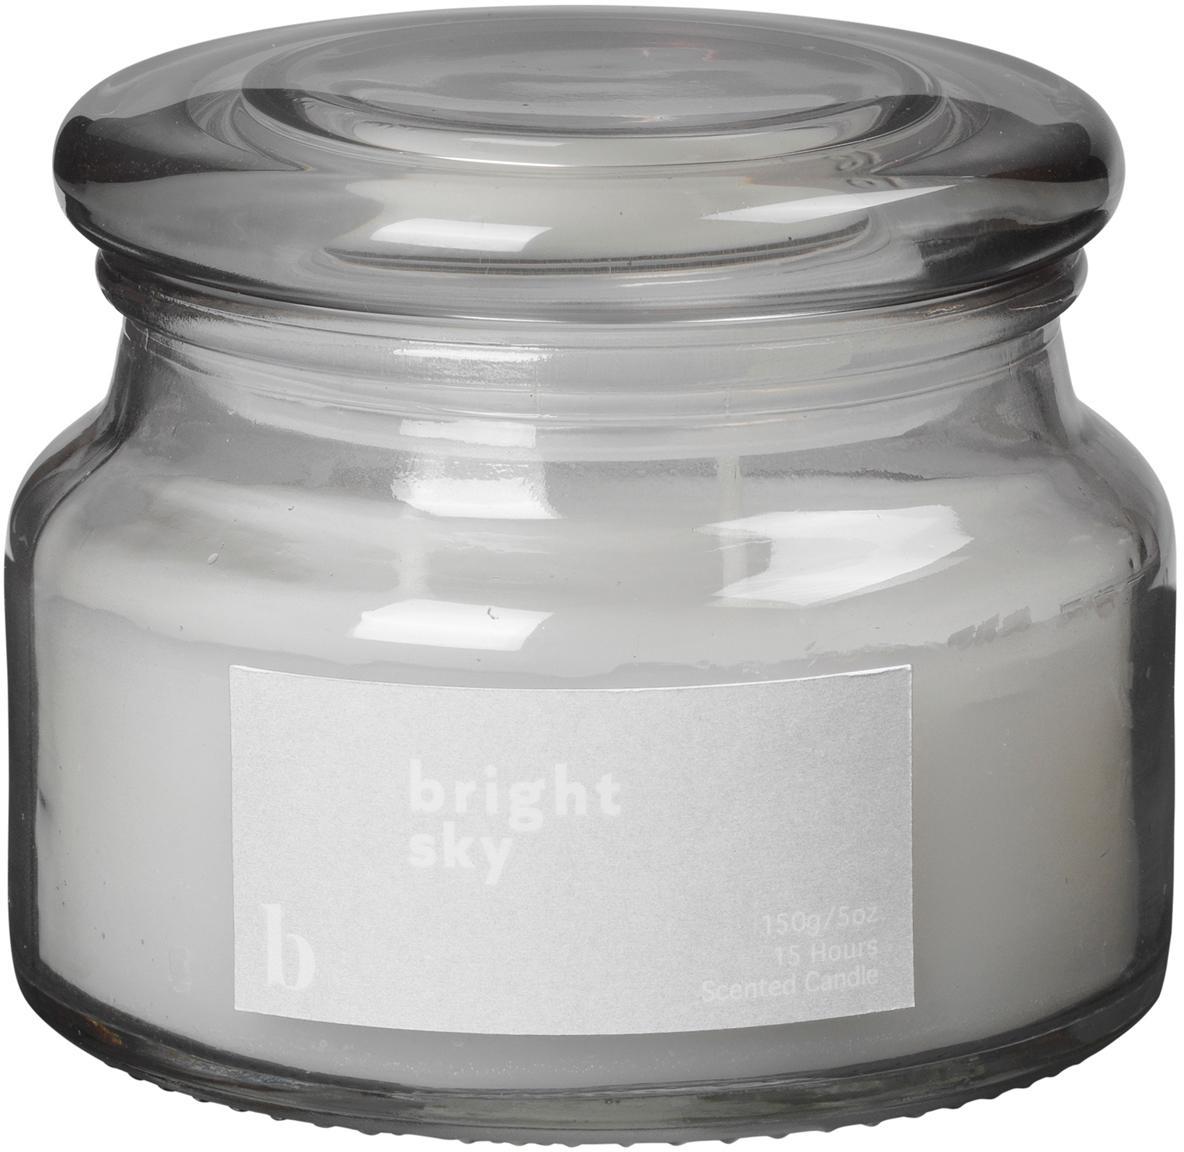 Geurkaars Bright Sky, Houder: glas, Grijs, Ø 10 cm